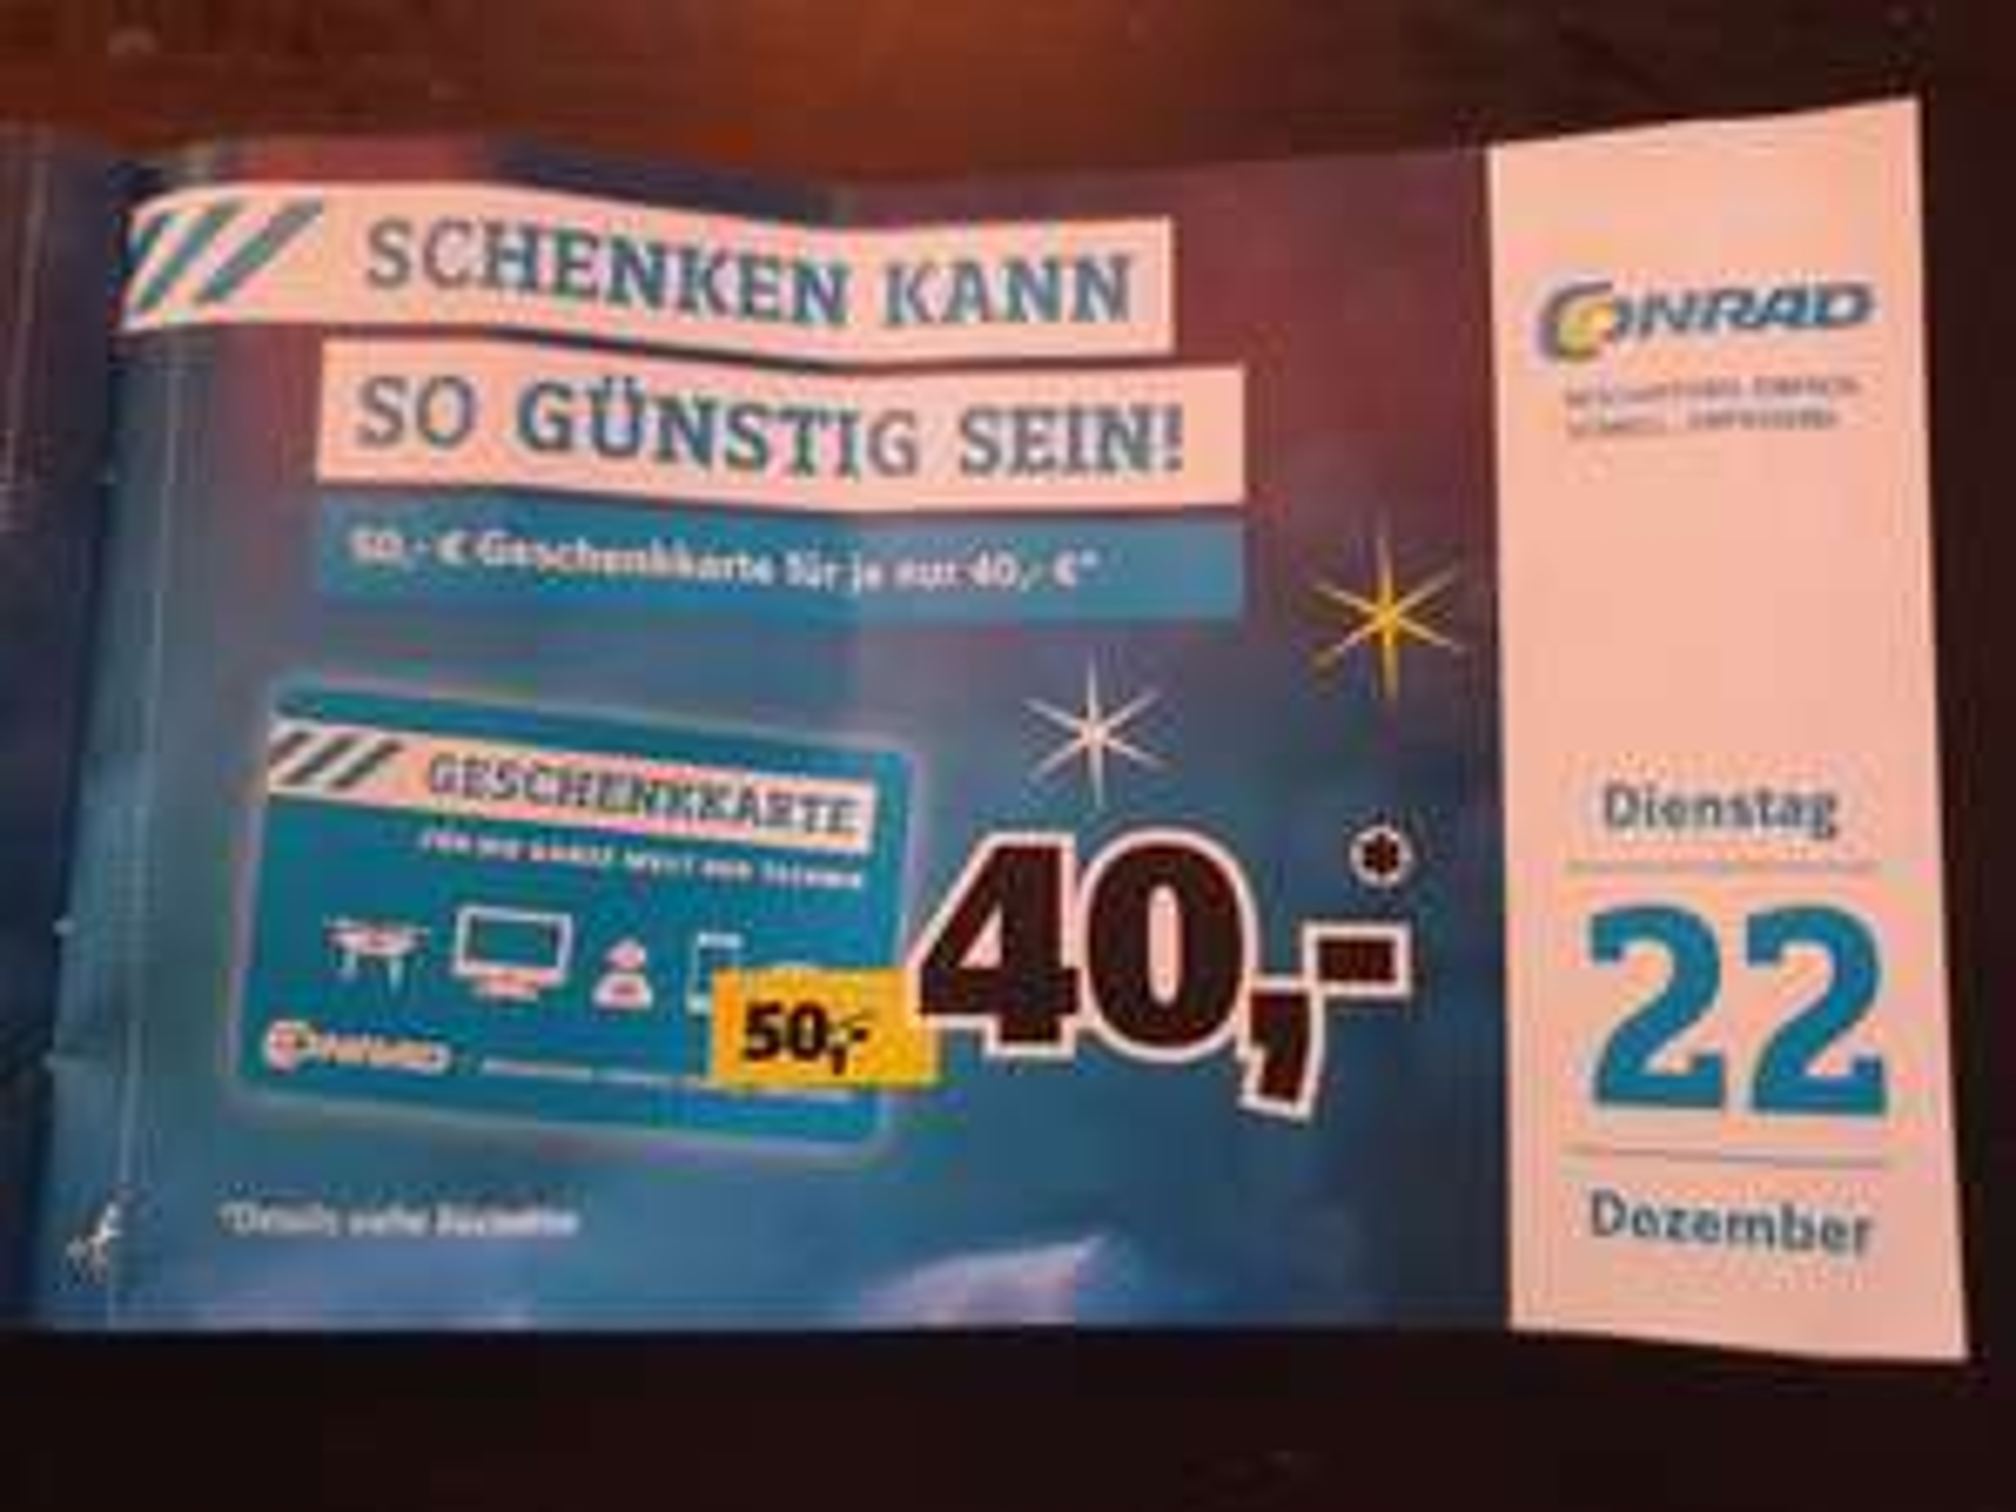 CONRAD Geschenkkarte für je 40 euro = 20% auf alles